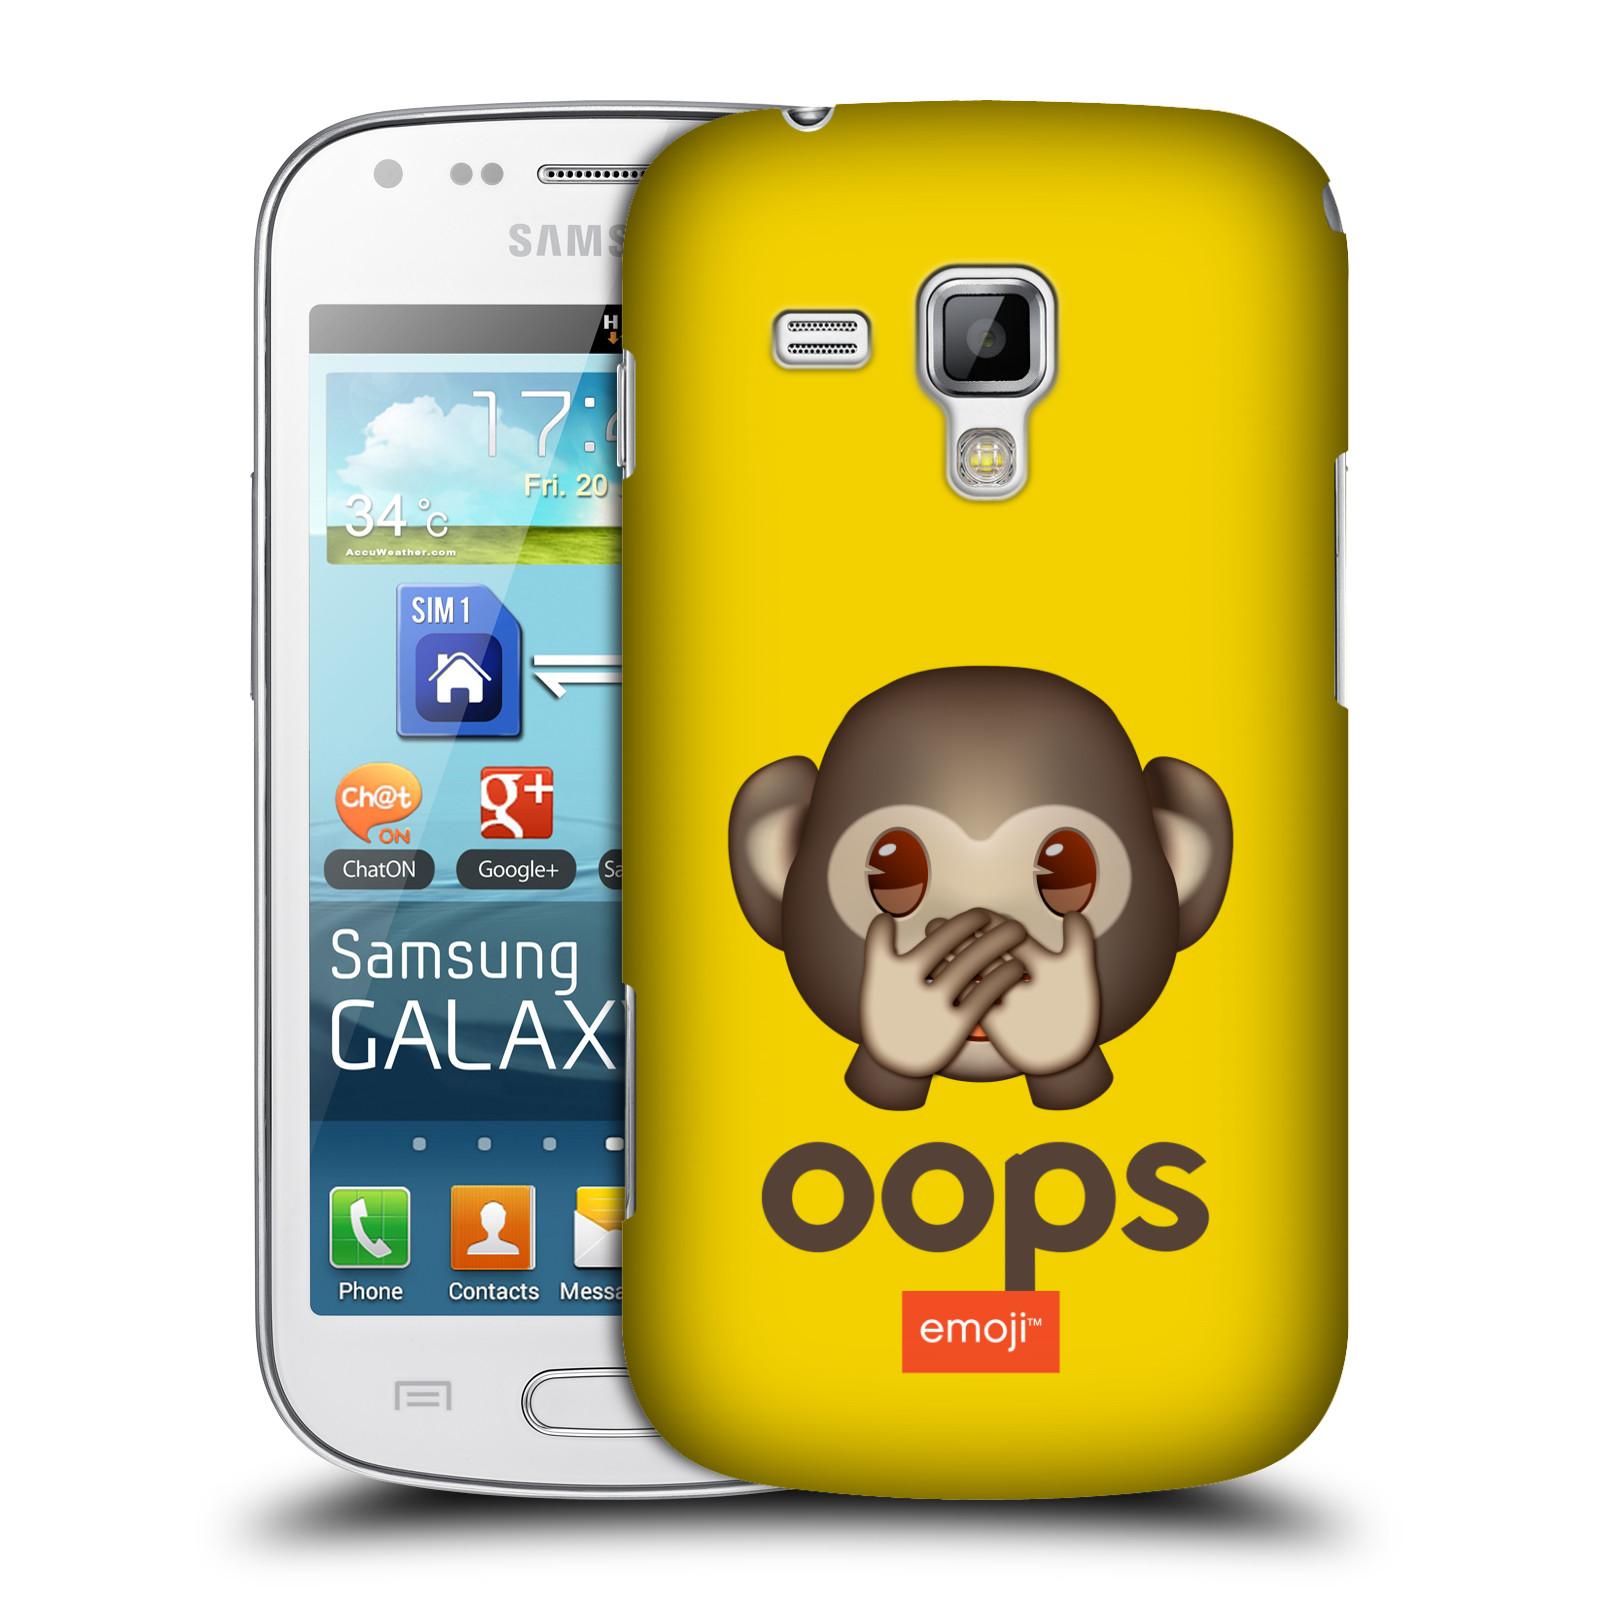 Plastové pouzdro na mobil Samsung Galaxy Trend HEAD CASE EMOJI - Opička OOPS (Kryt či obal s oficiálním motivem EMOJI na mobilní telefon Samsung Galaxy Trend GT-S7560)